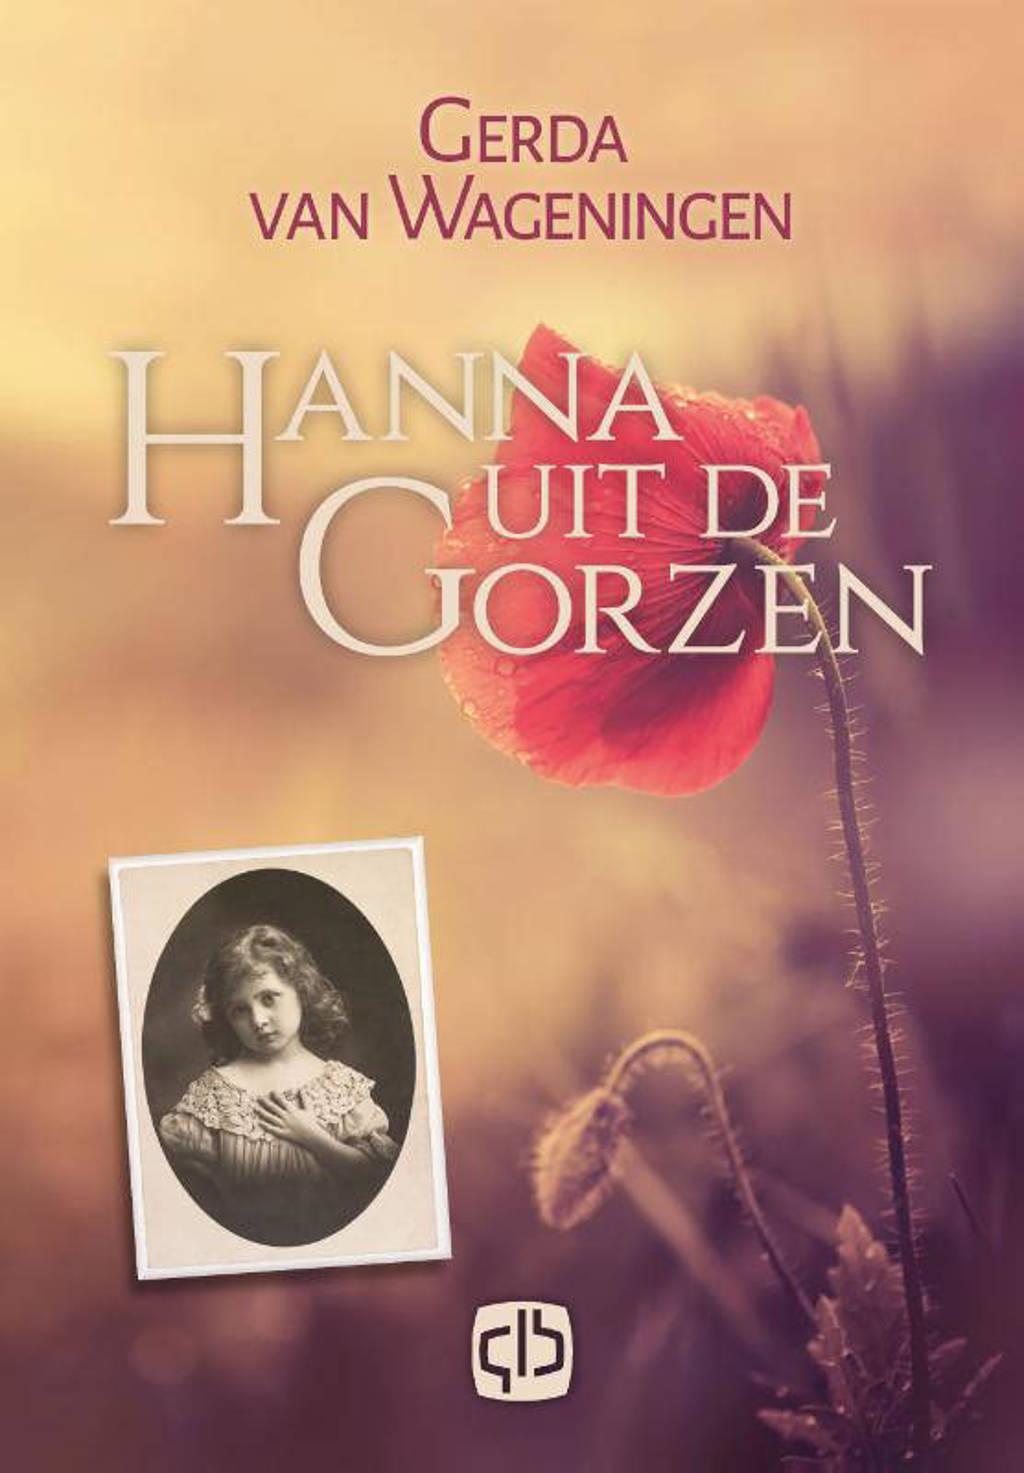 Hanna uit de Gorzen - Gerda van Wageningen